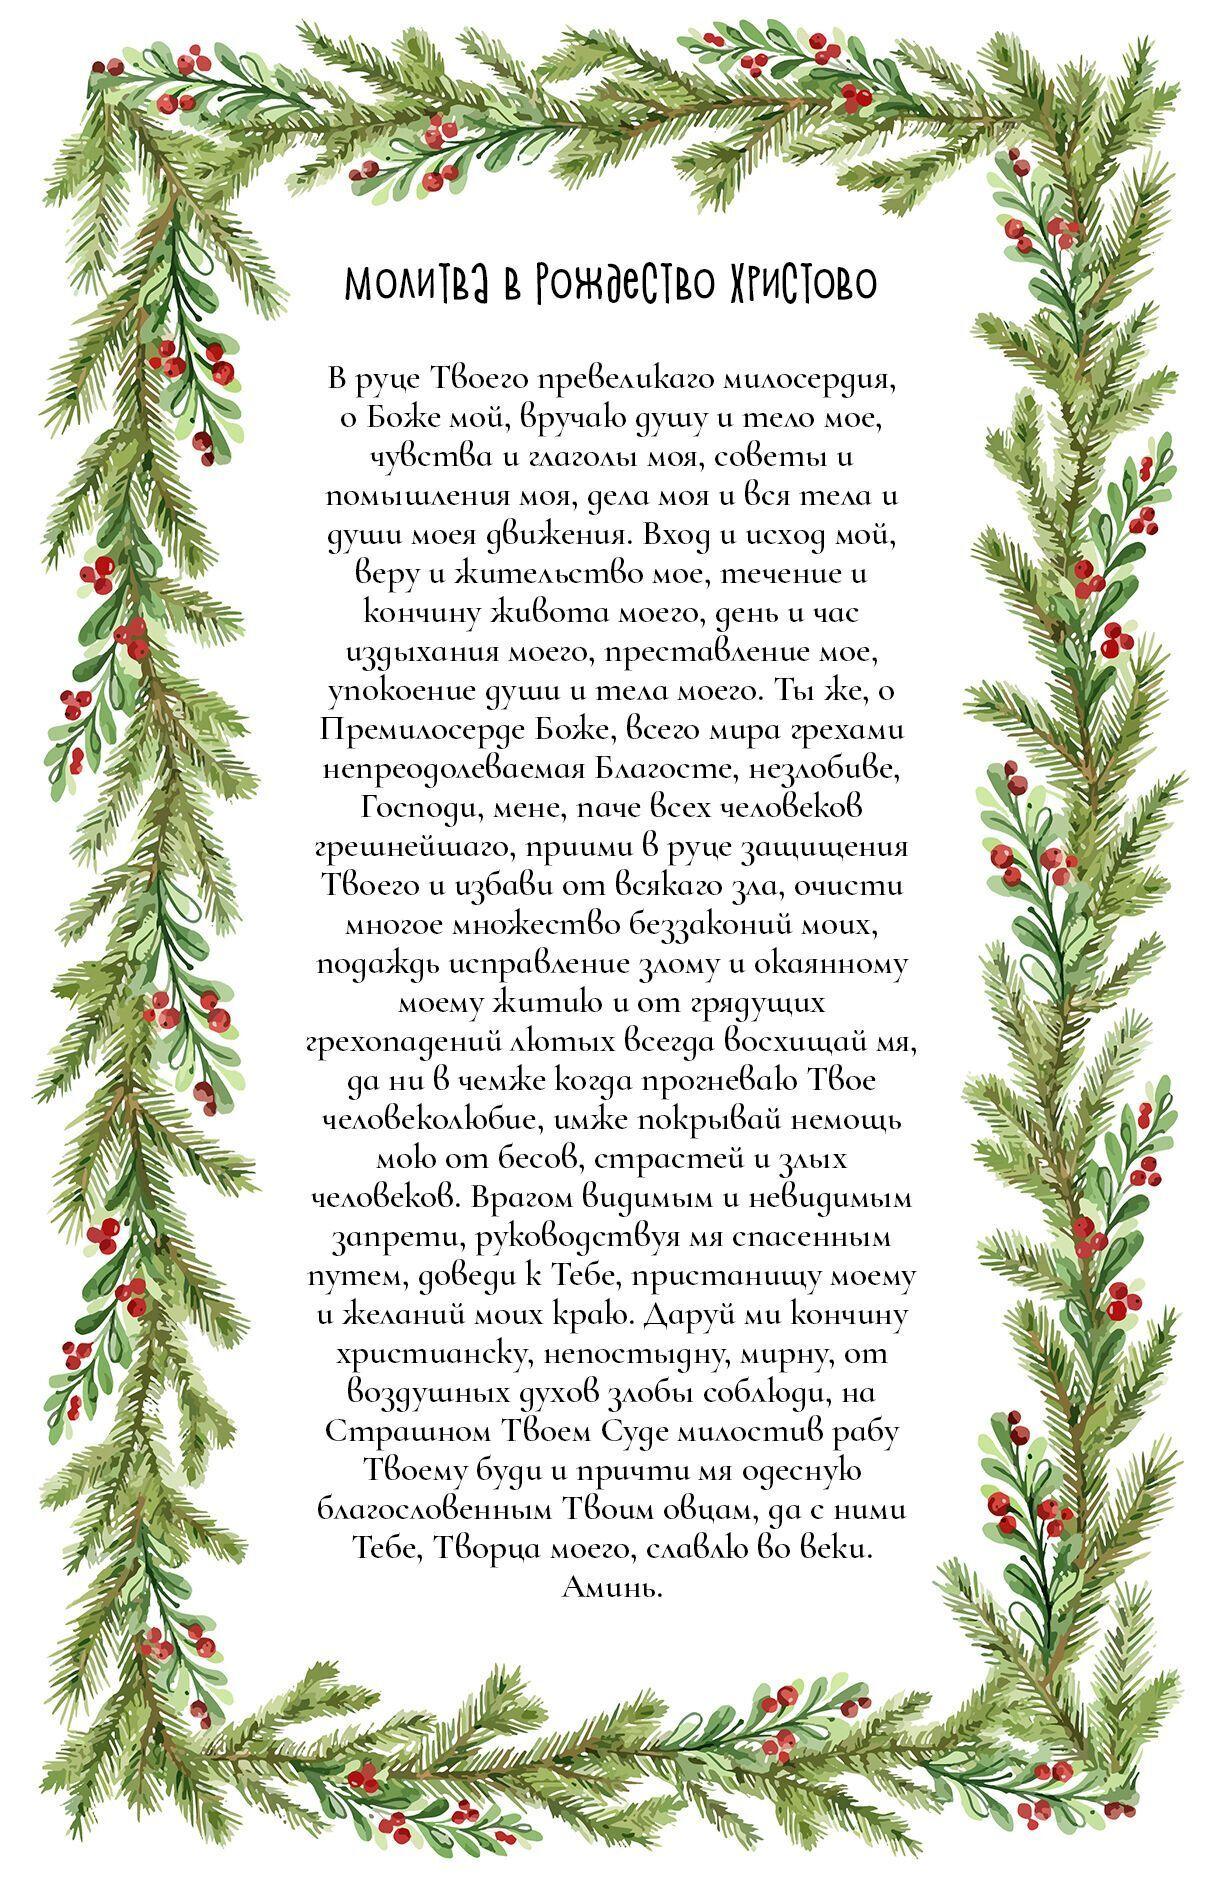 Молитва в Рождество Христово